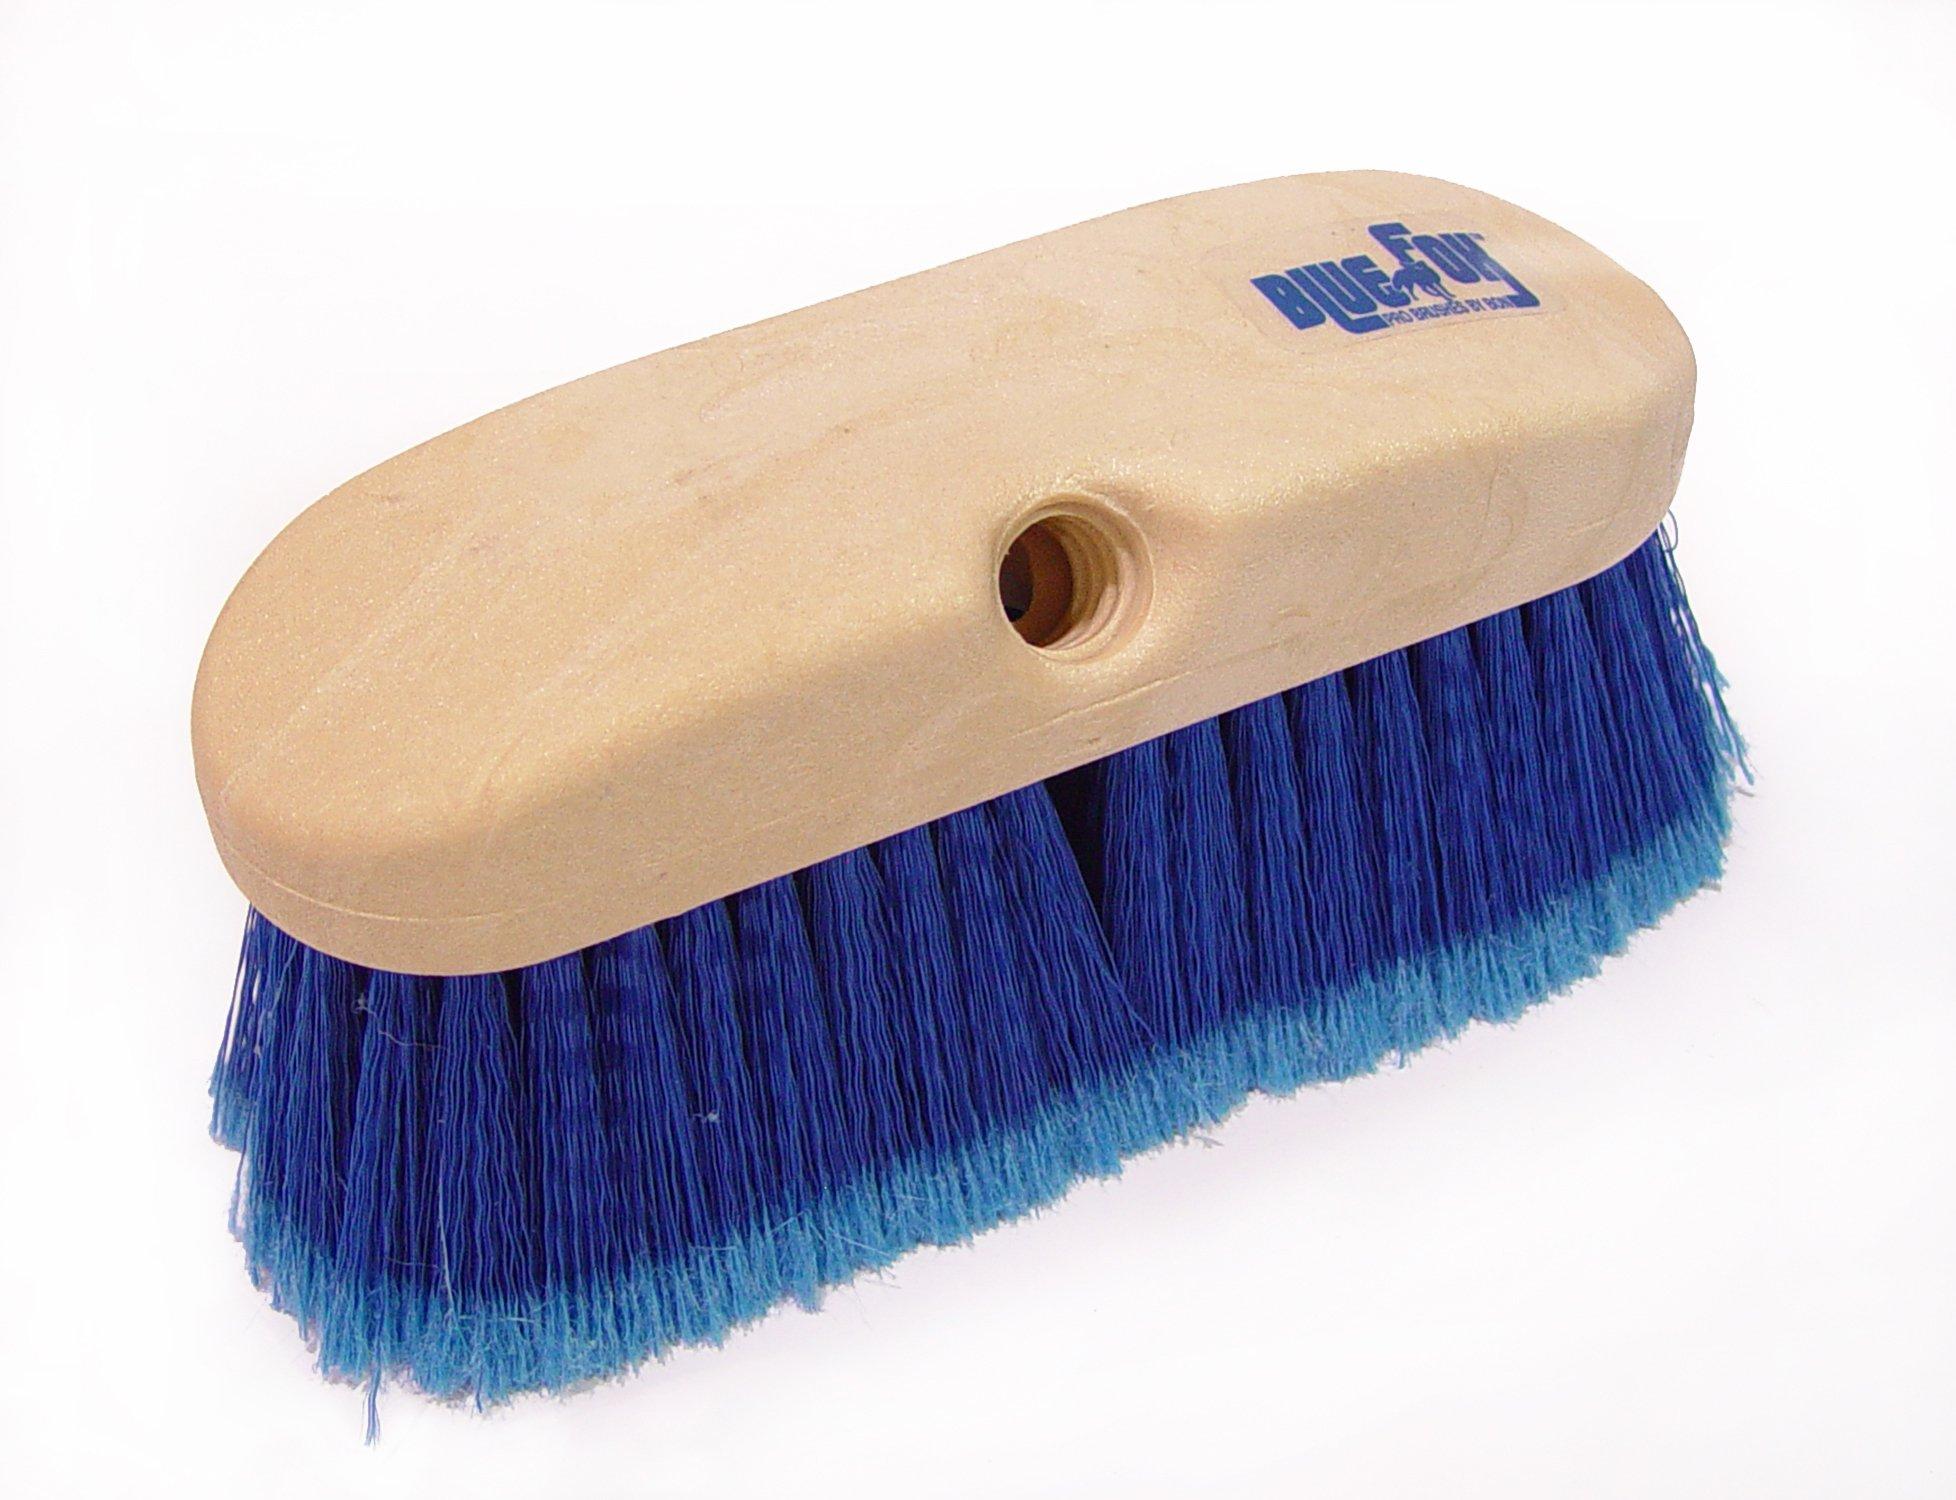 Bon 84-957  Blue Fox Truck Wash Brush, 8-Inch Length by 2-1/2-Inch Trim